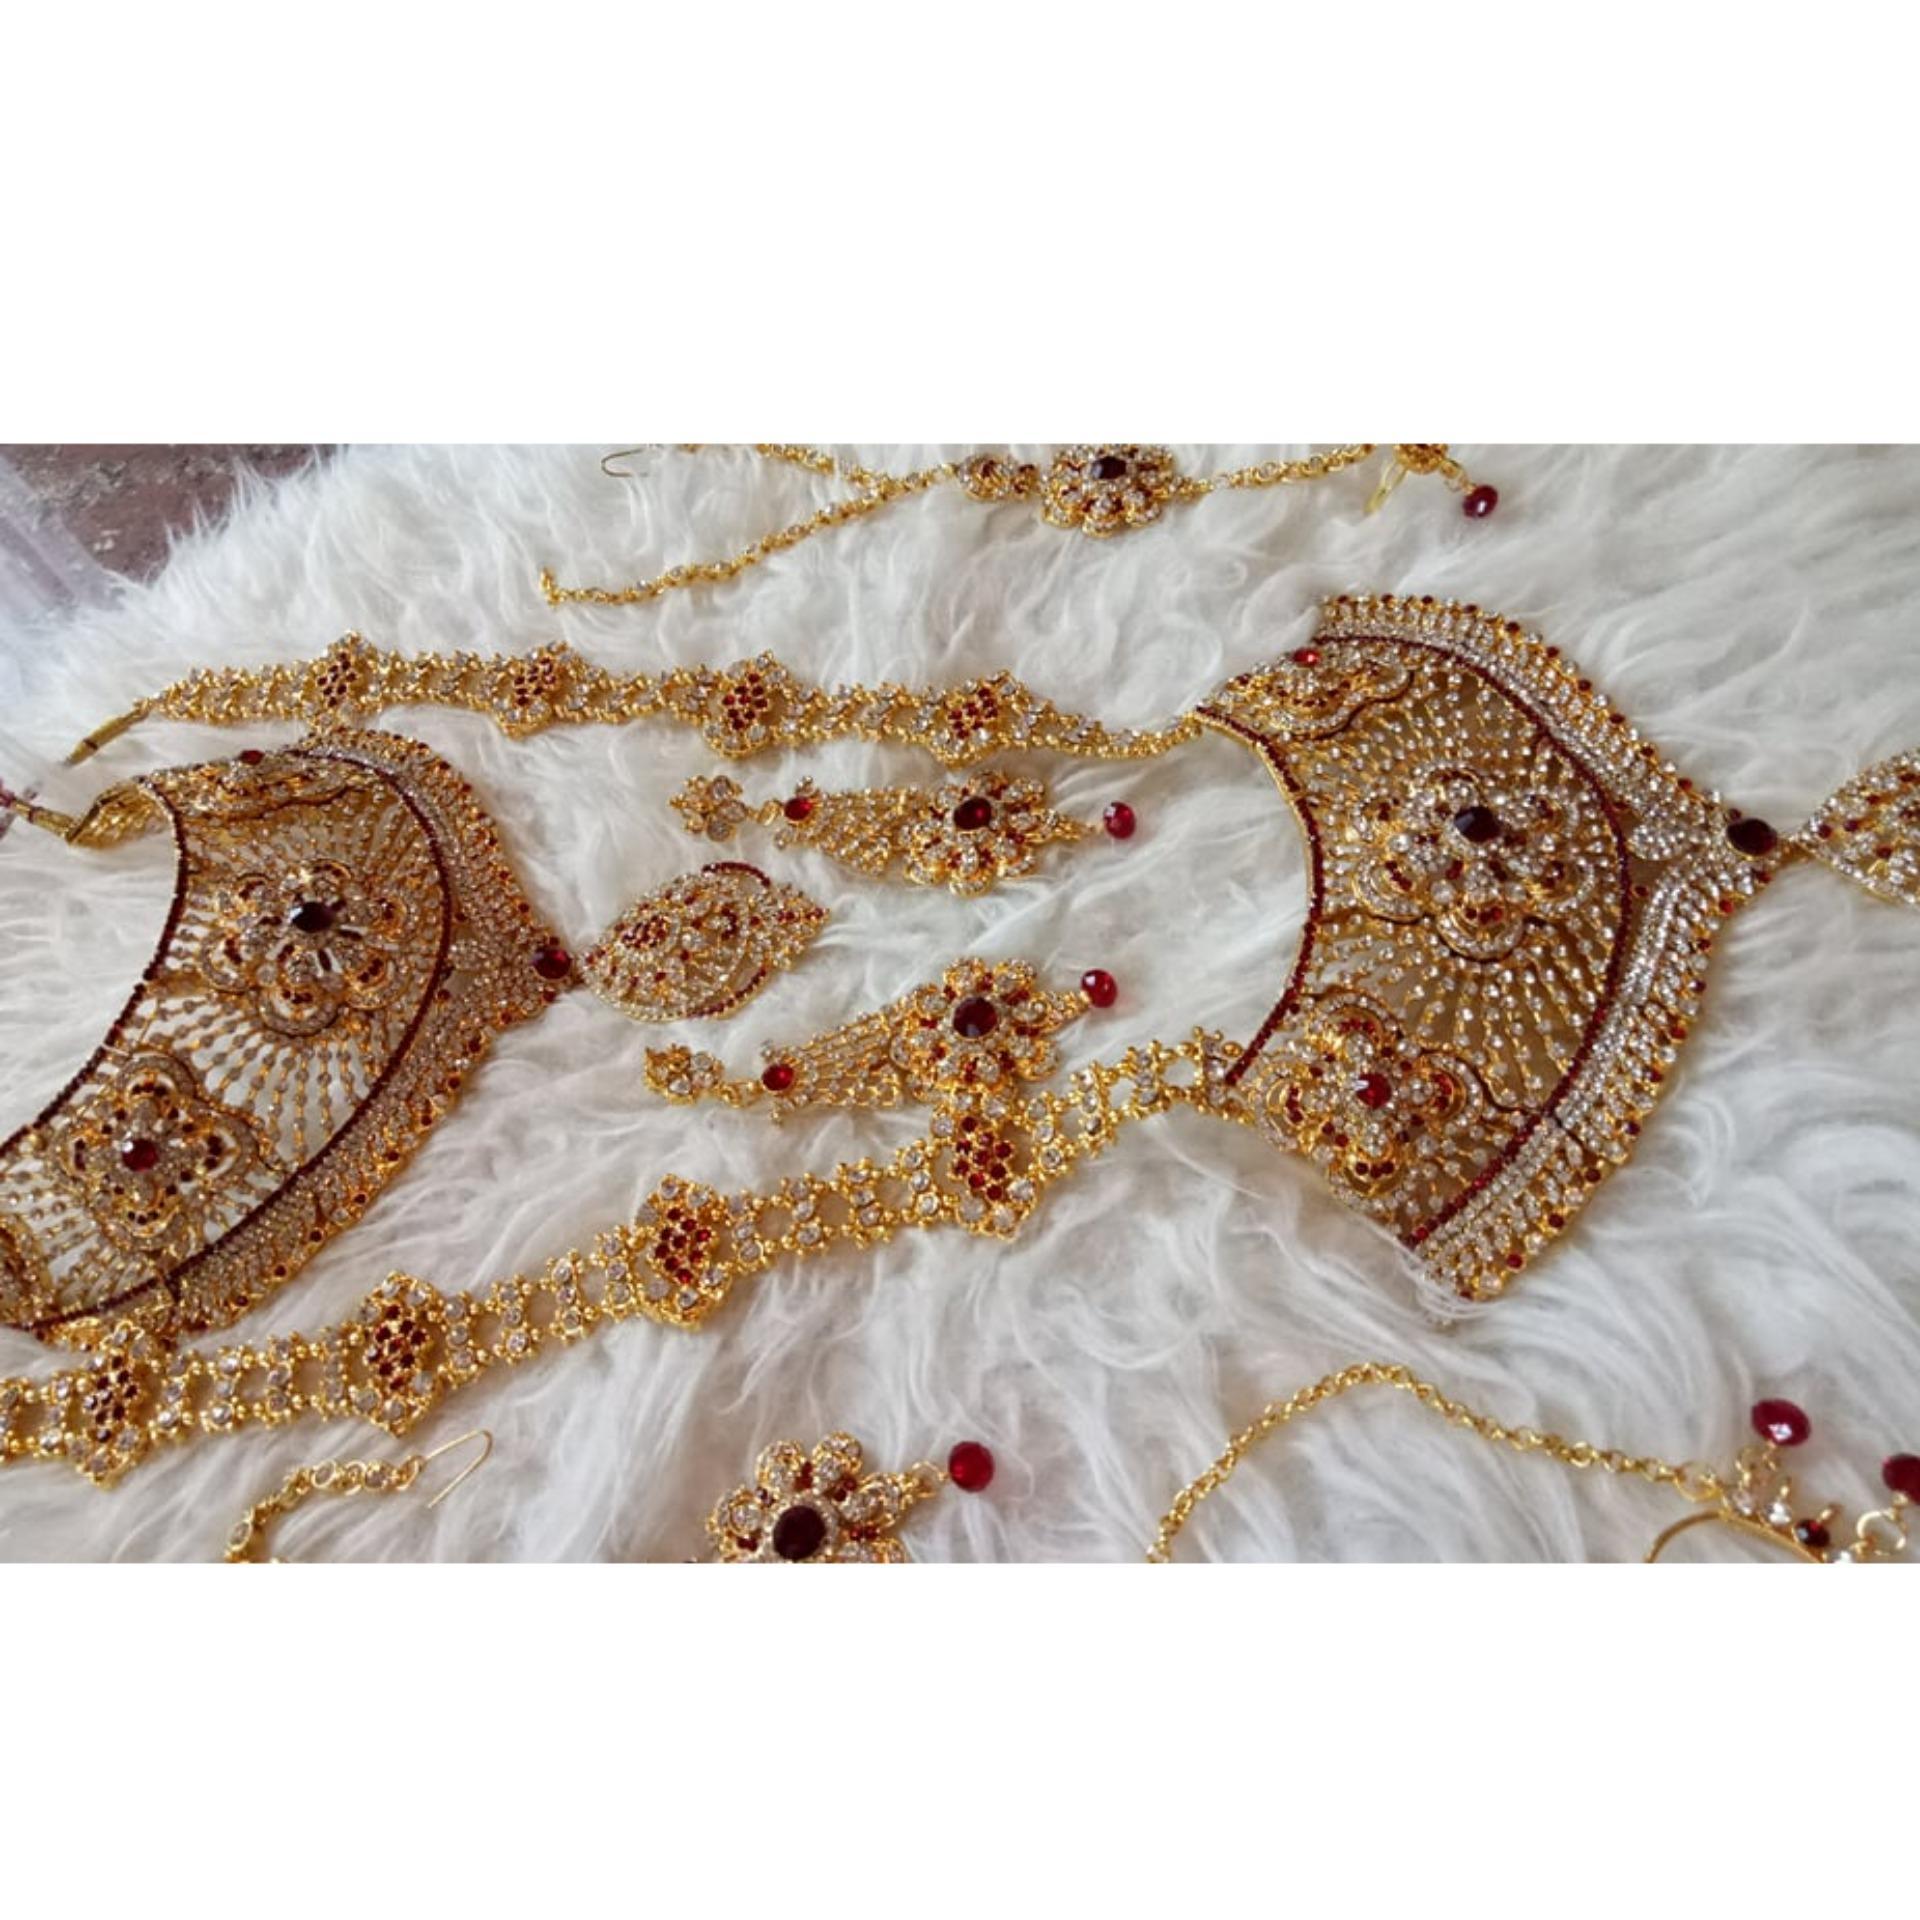 Kelebihan Perhiasan Set Komplit India Terkini Daftar Harga Dan 1 Detail Gambar Terbaru